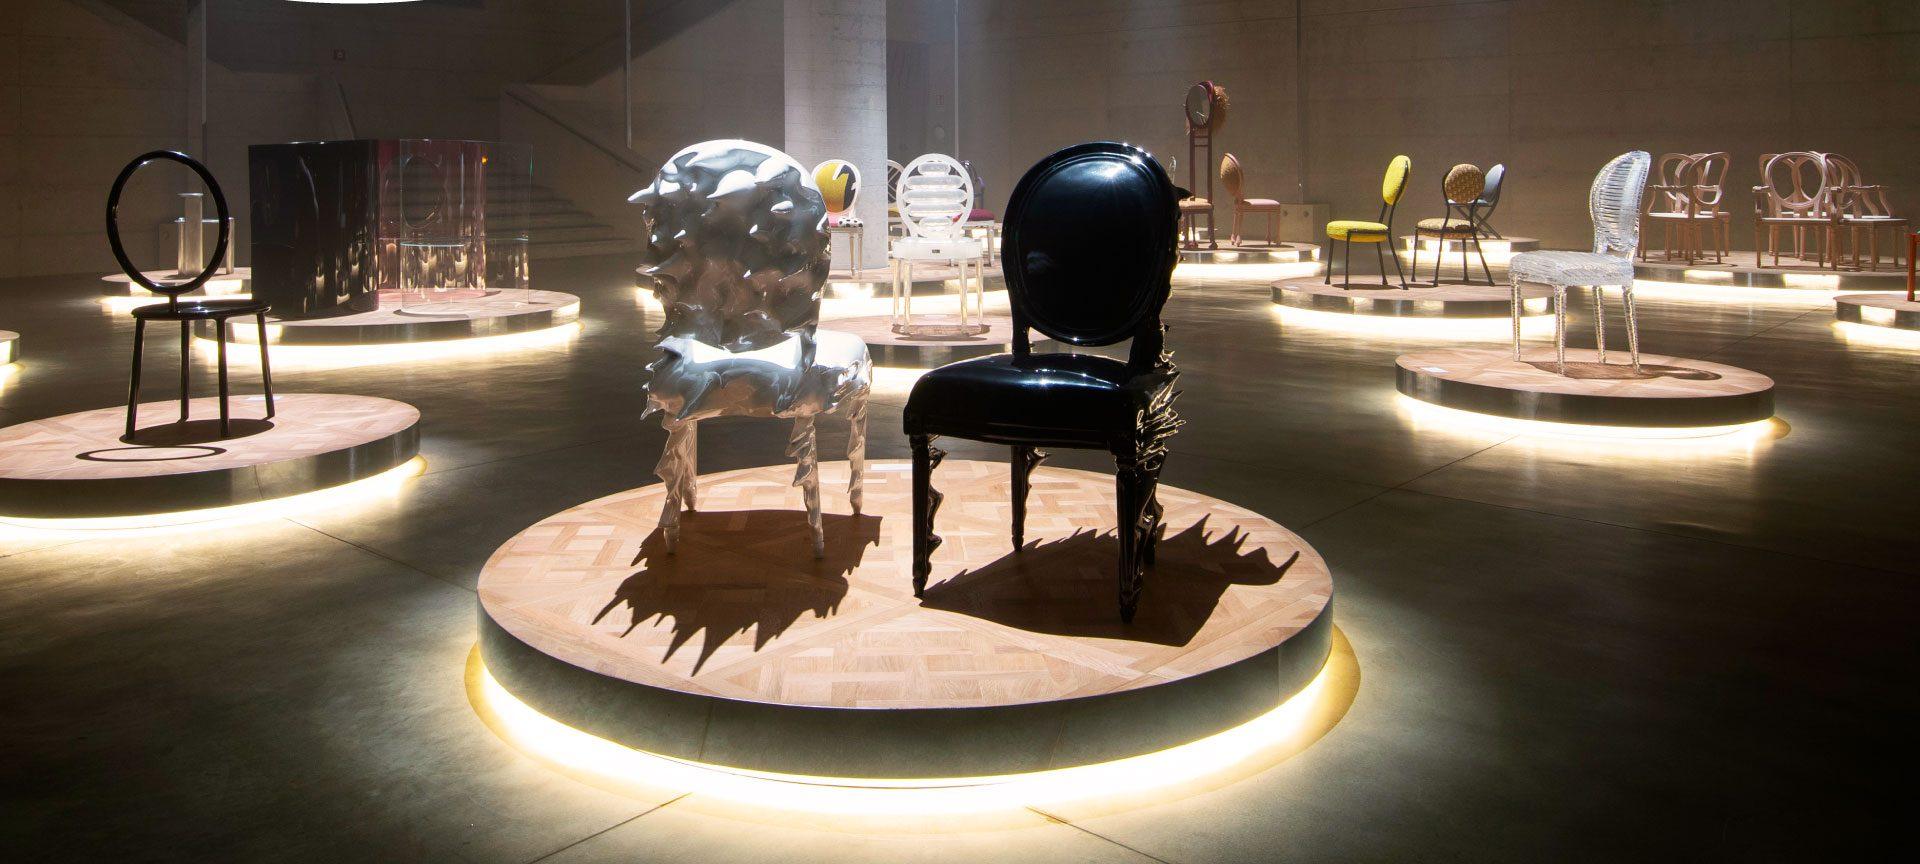 17 artistas reinterpretaron la Silla Medallón de Dior